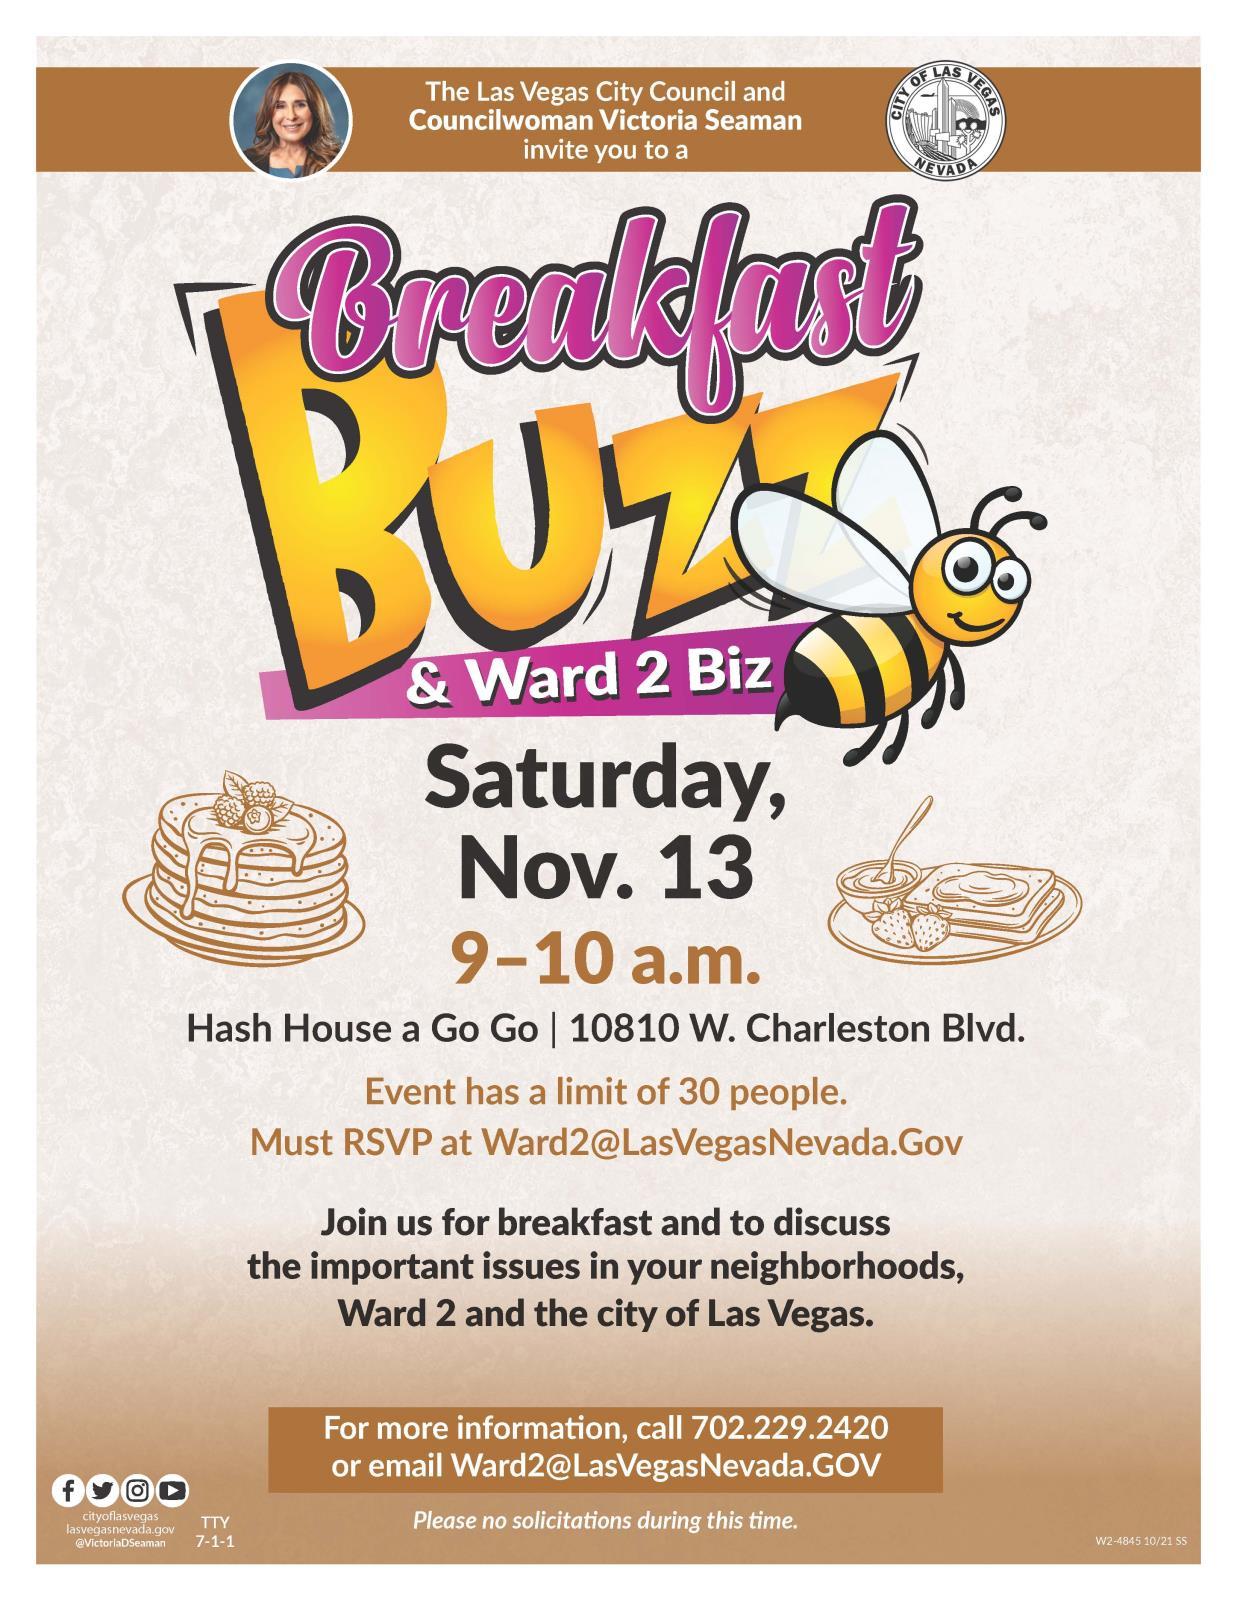 Ward 2 Breakfast Buzz-11-13-21.jpg